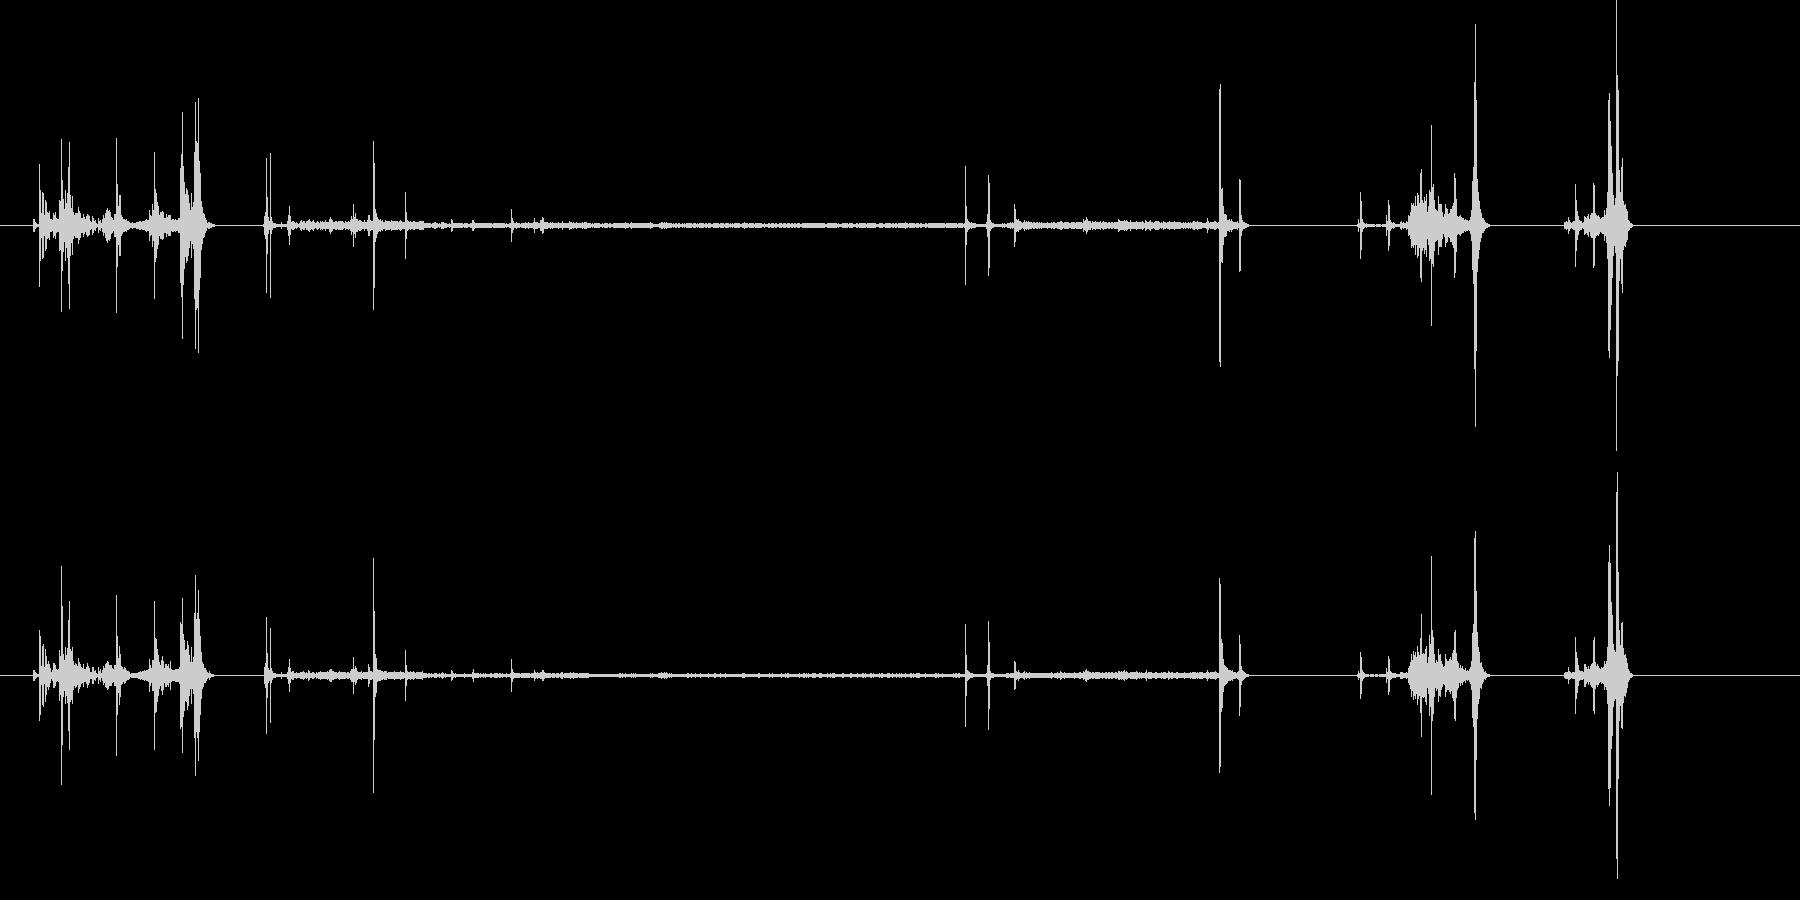 ビデオレコーダー;テープイン/オン...の未再生の波形